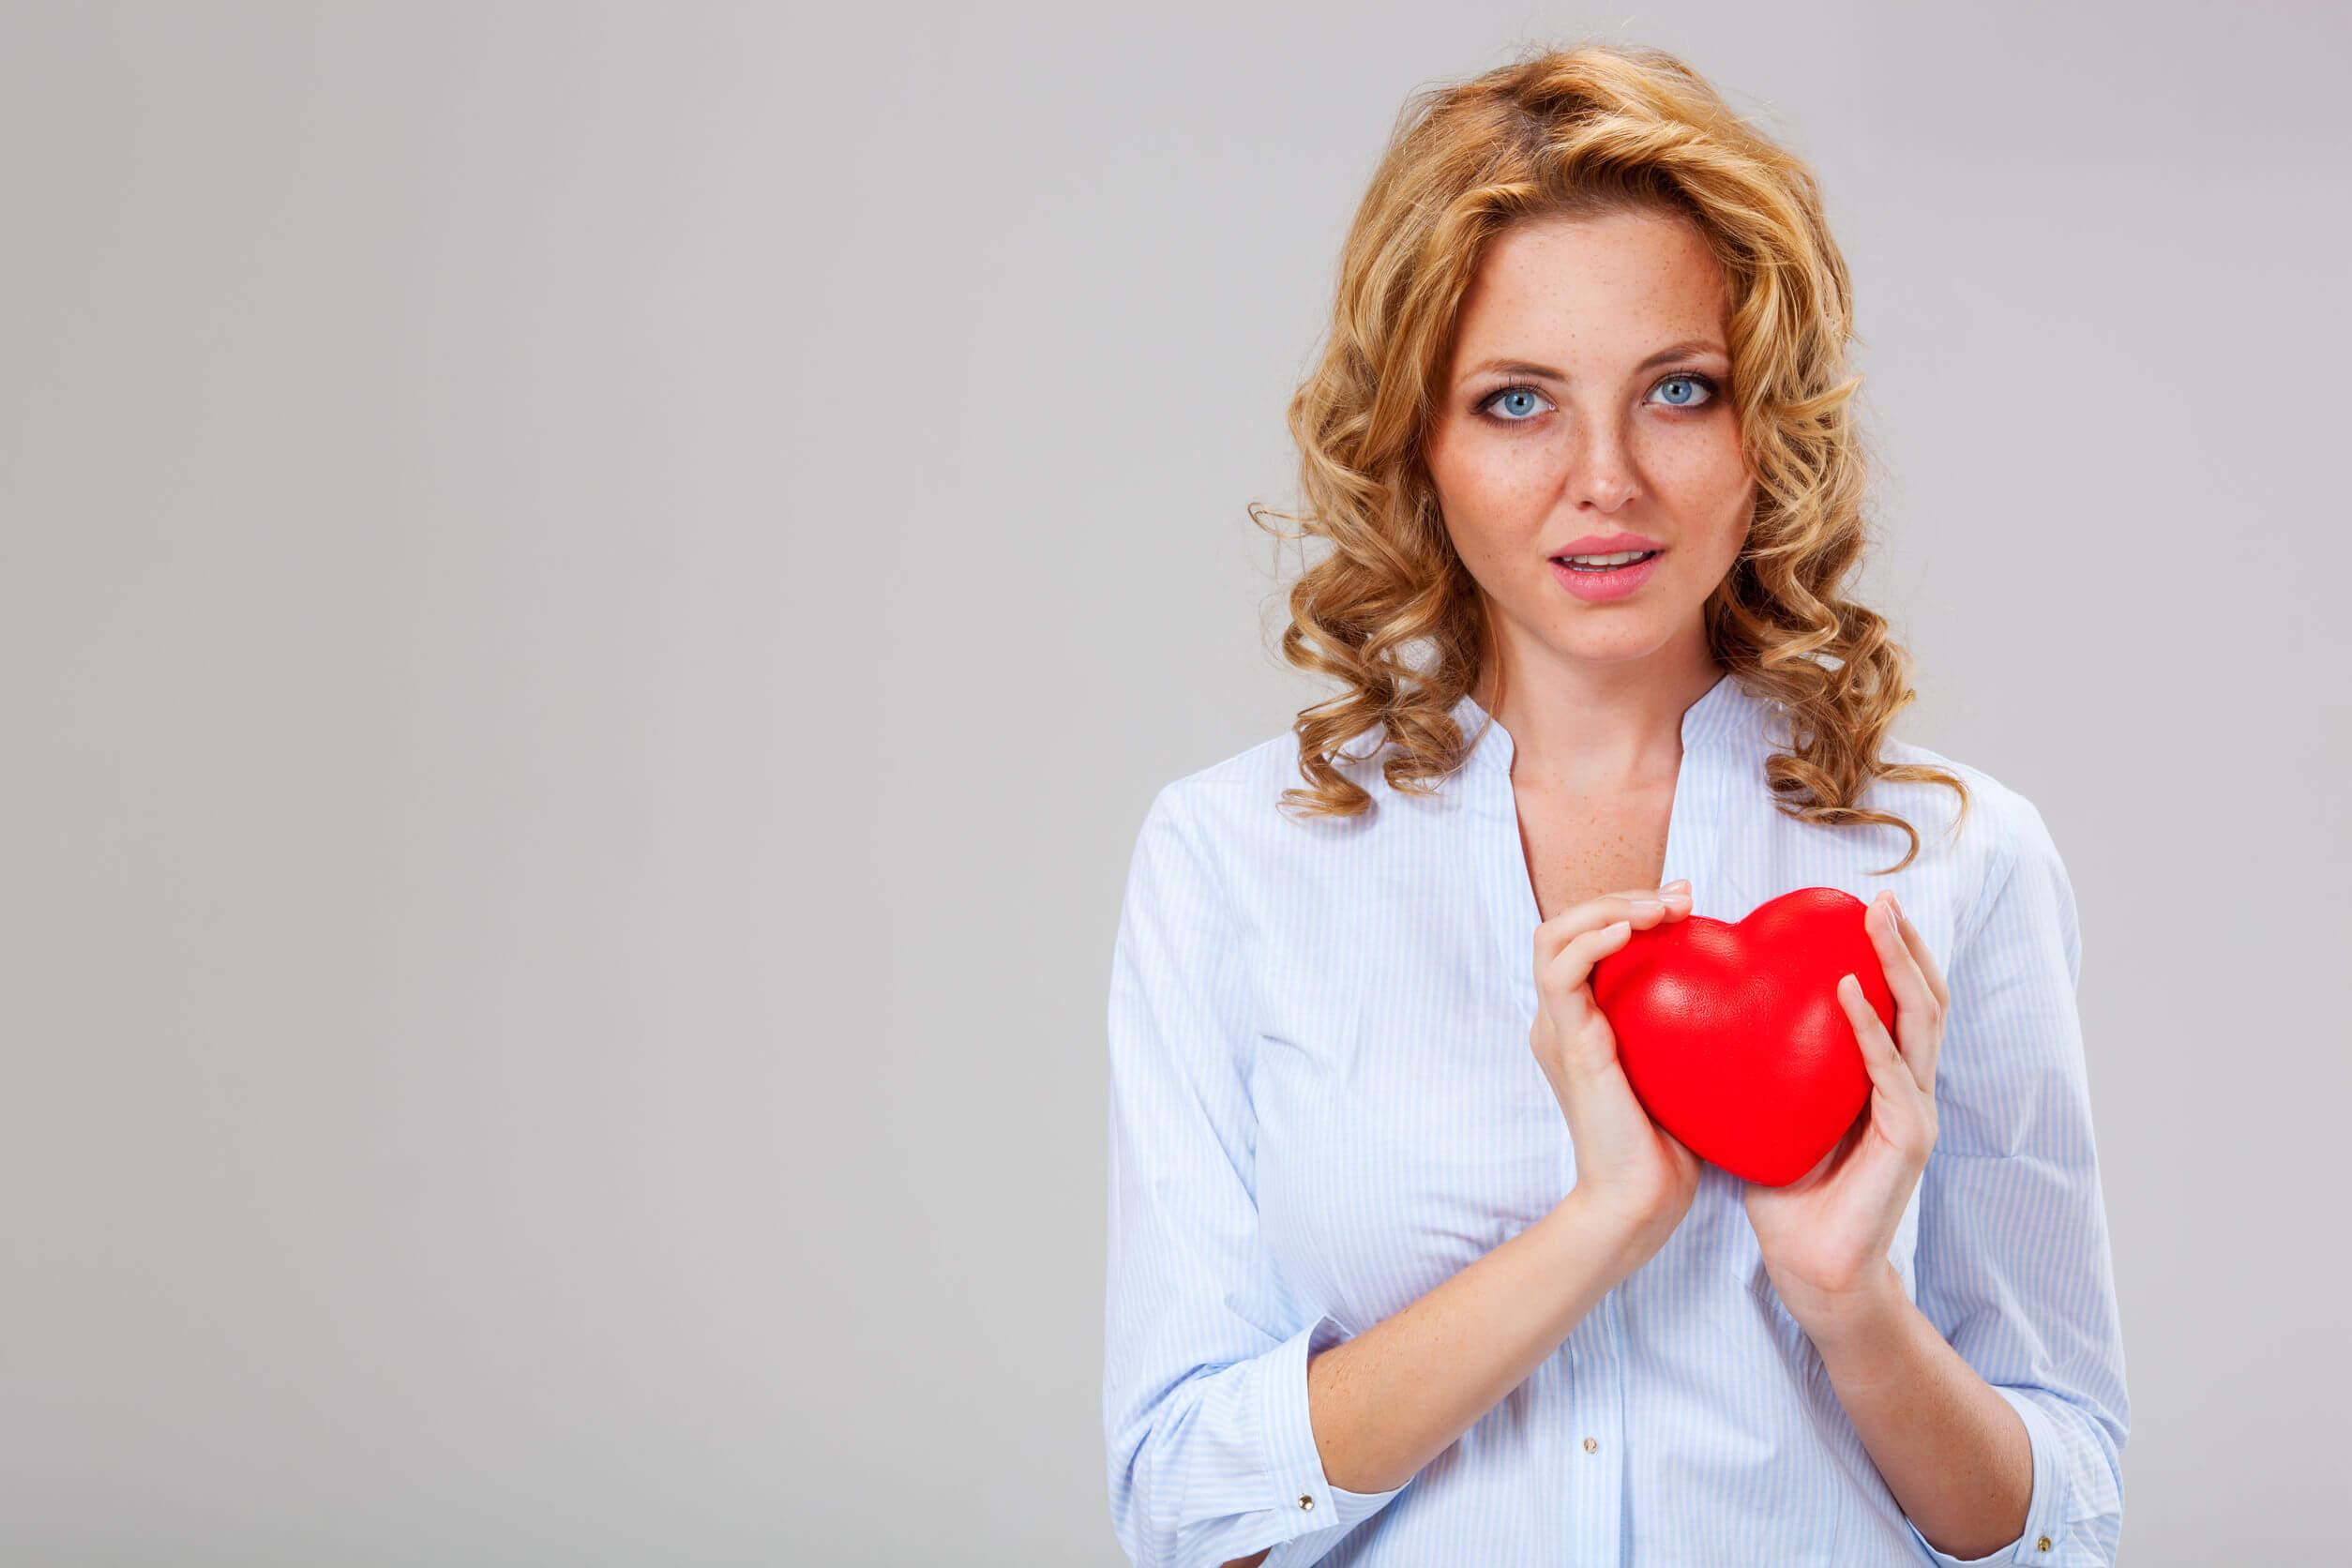 روکیدا - علائمی که بدن یک ماه پیش از حمله قلبی از خود بروز میدهد - تندرستی, درمان خانگی, زندگی سالم, سبک زندگی, قلب